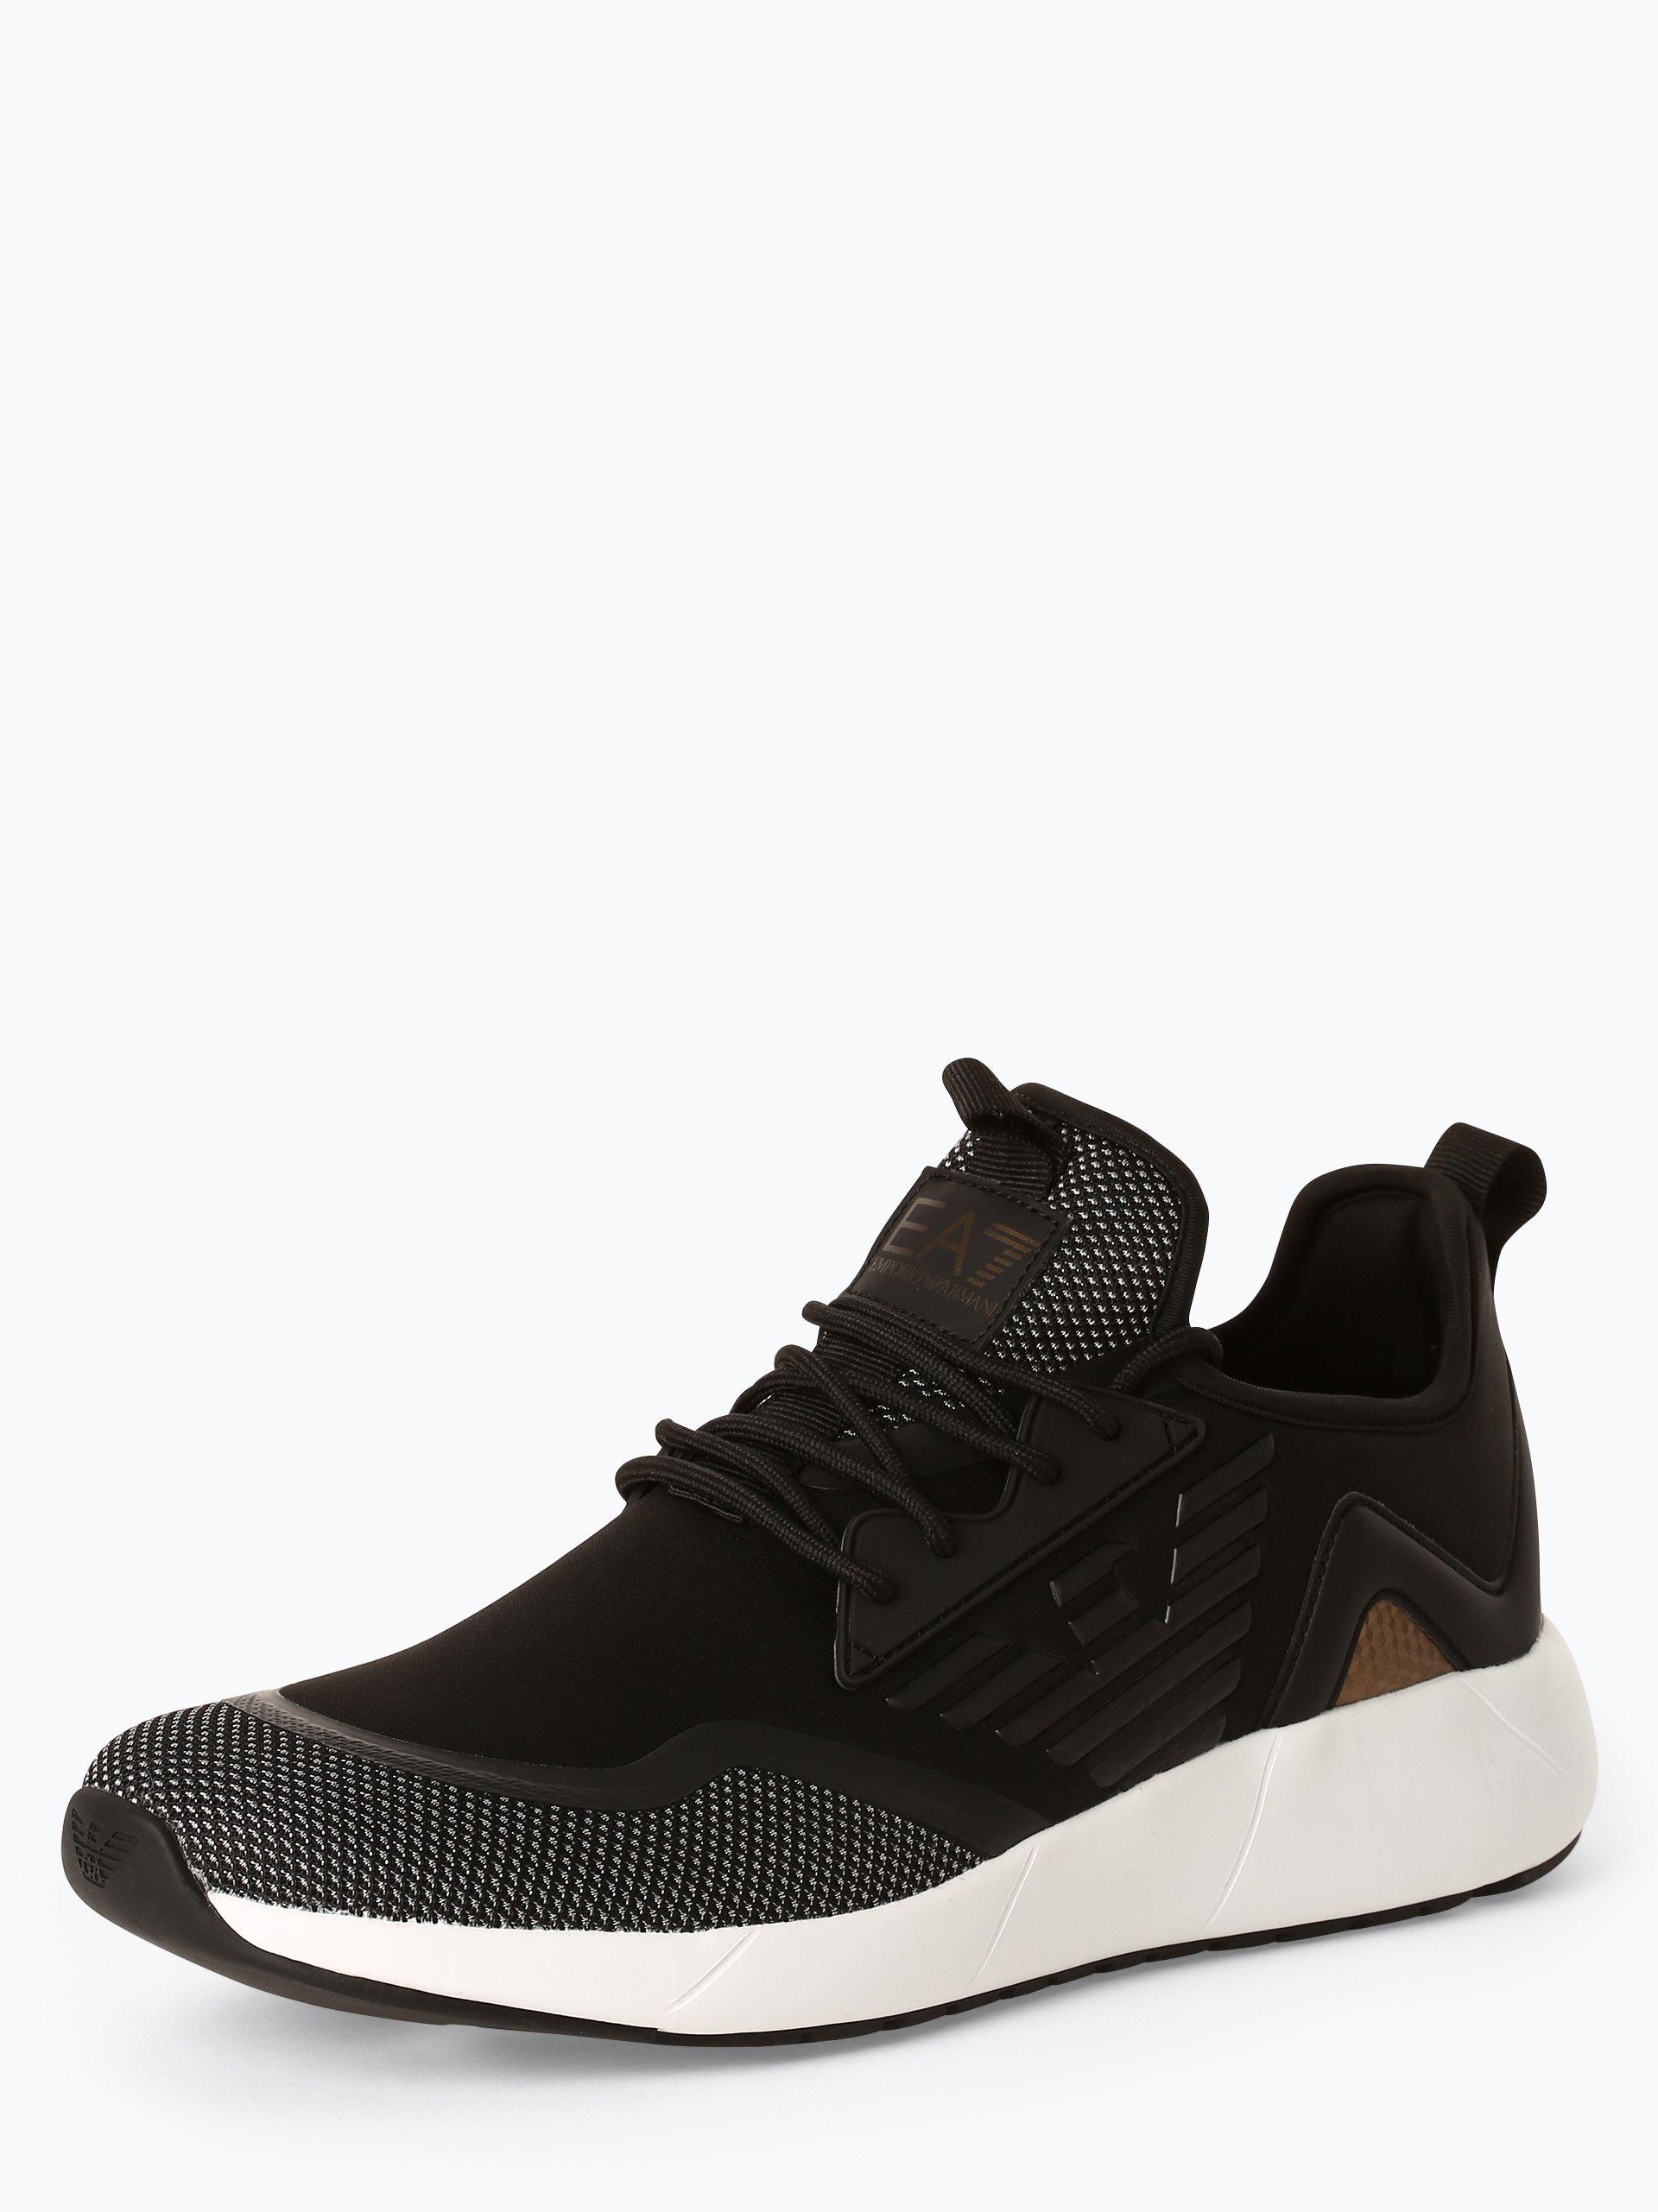 EA7 Emporio Armani Herren Sneaker